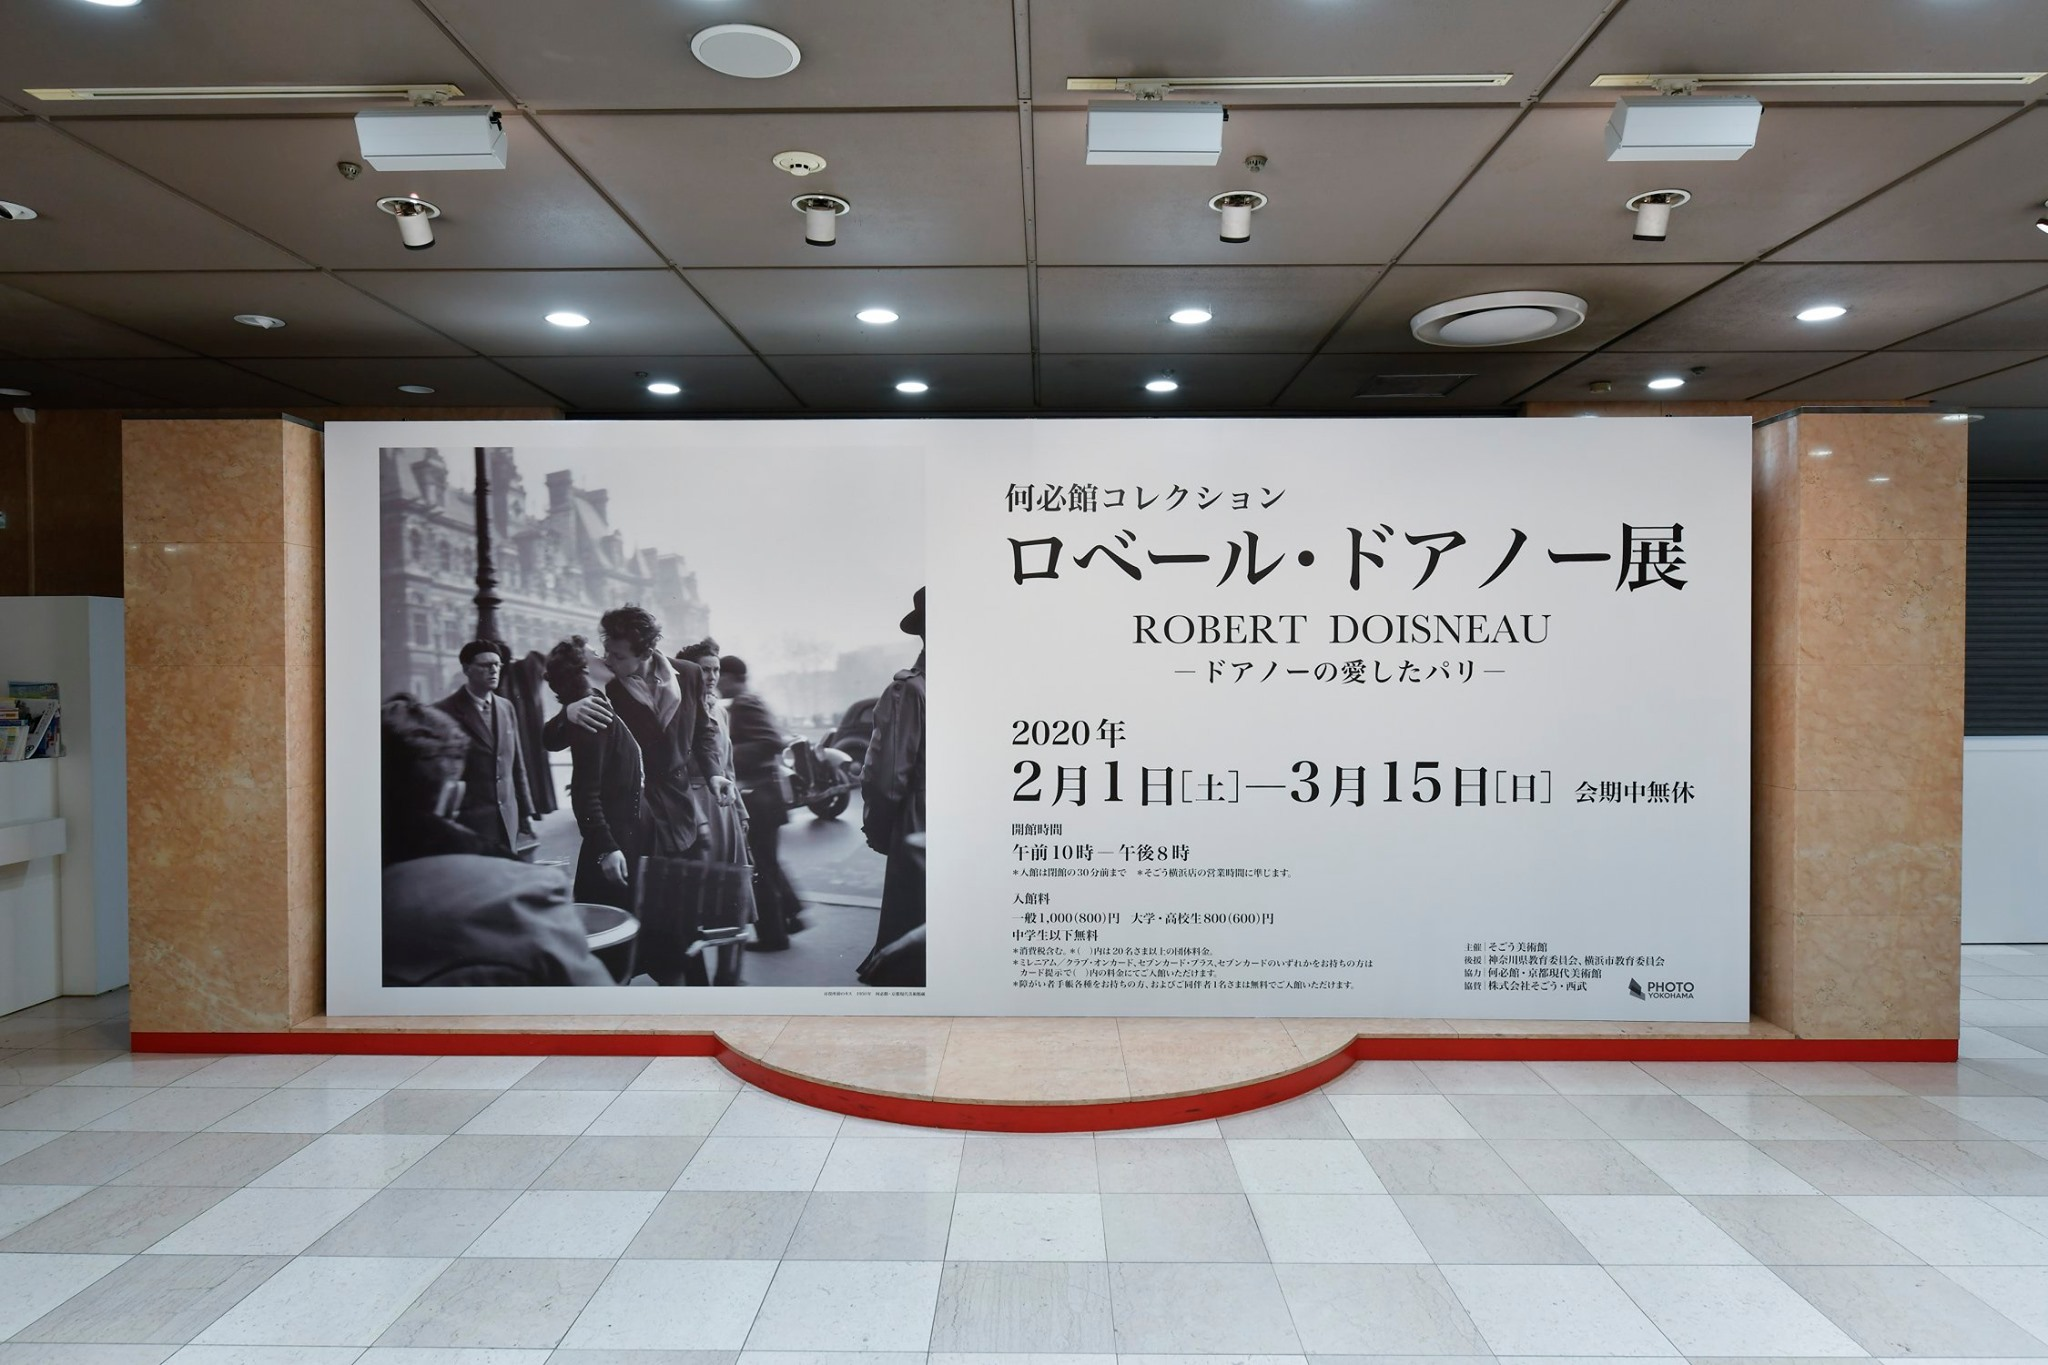 何必館コレクション ロベール・ドアノー展